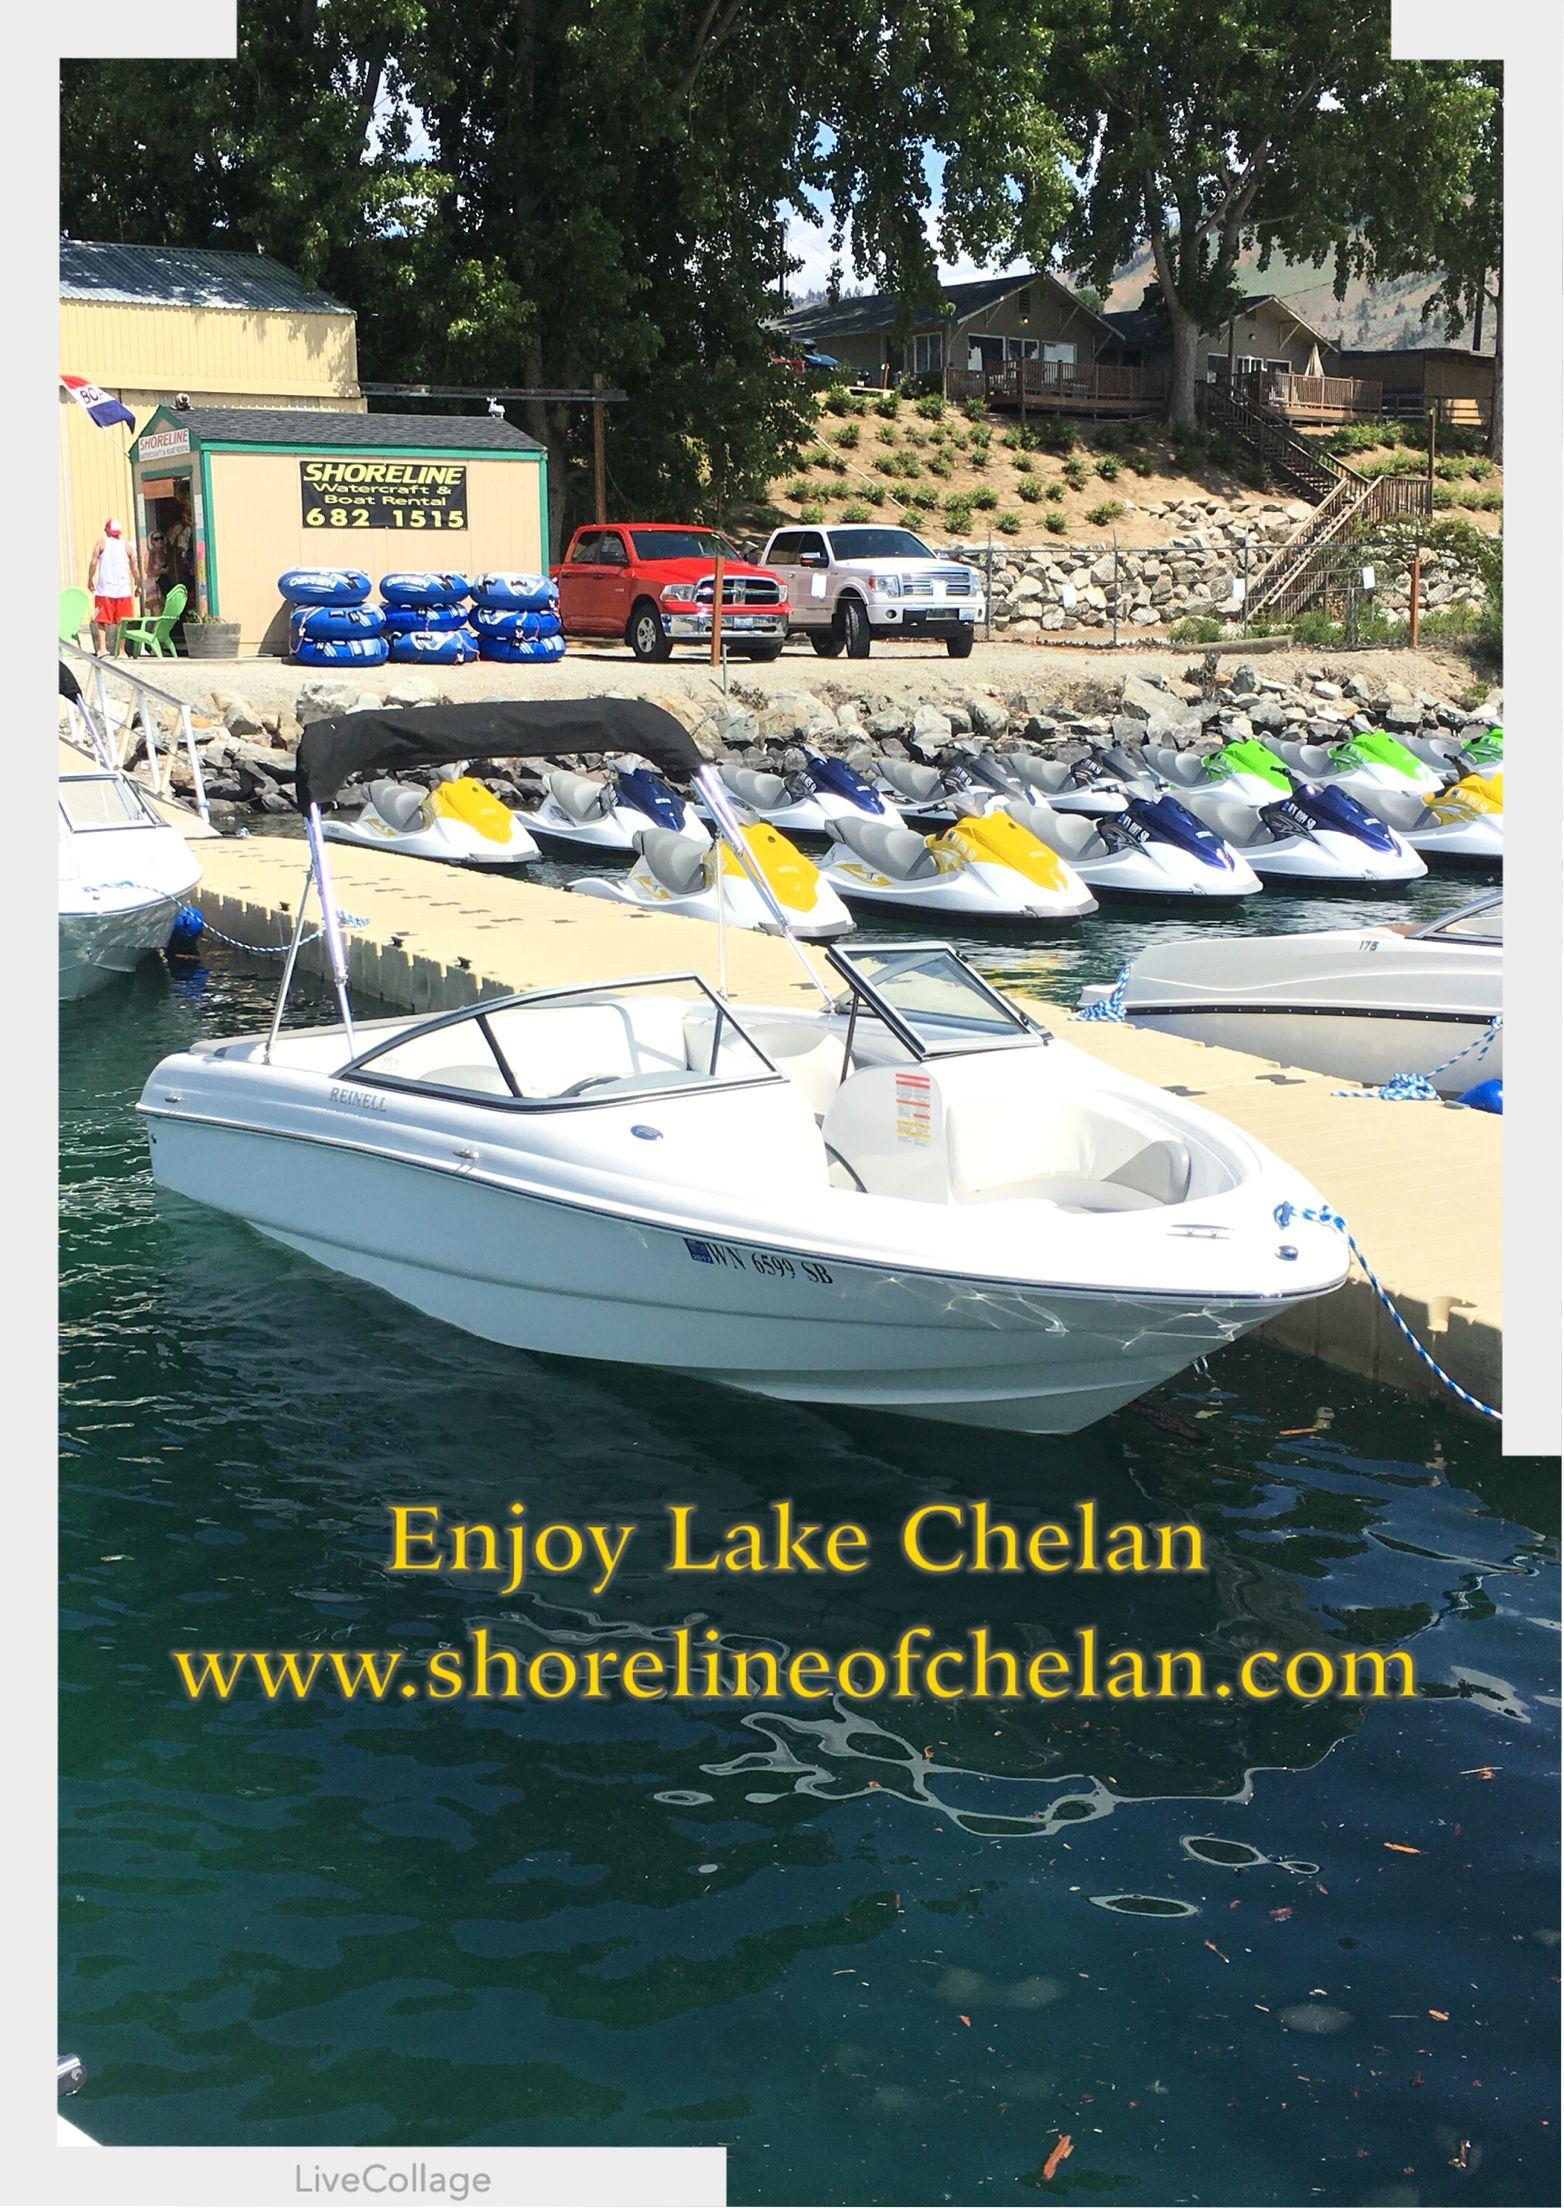 Jet skis on lake chelan at shoreline watercraft